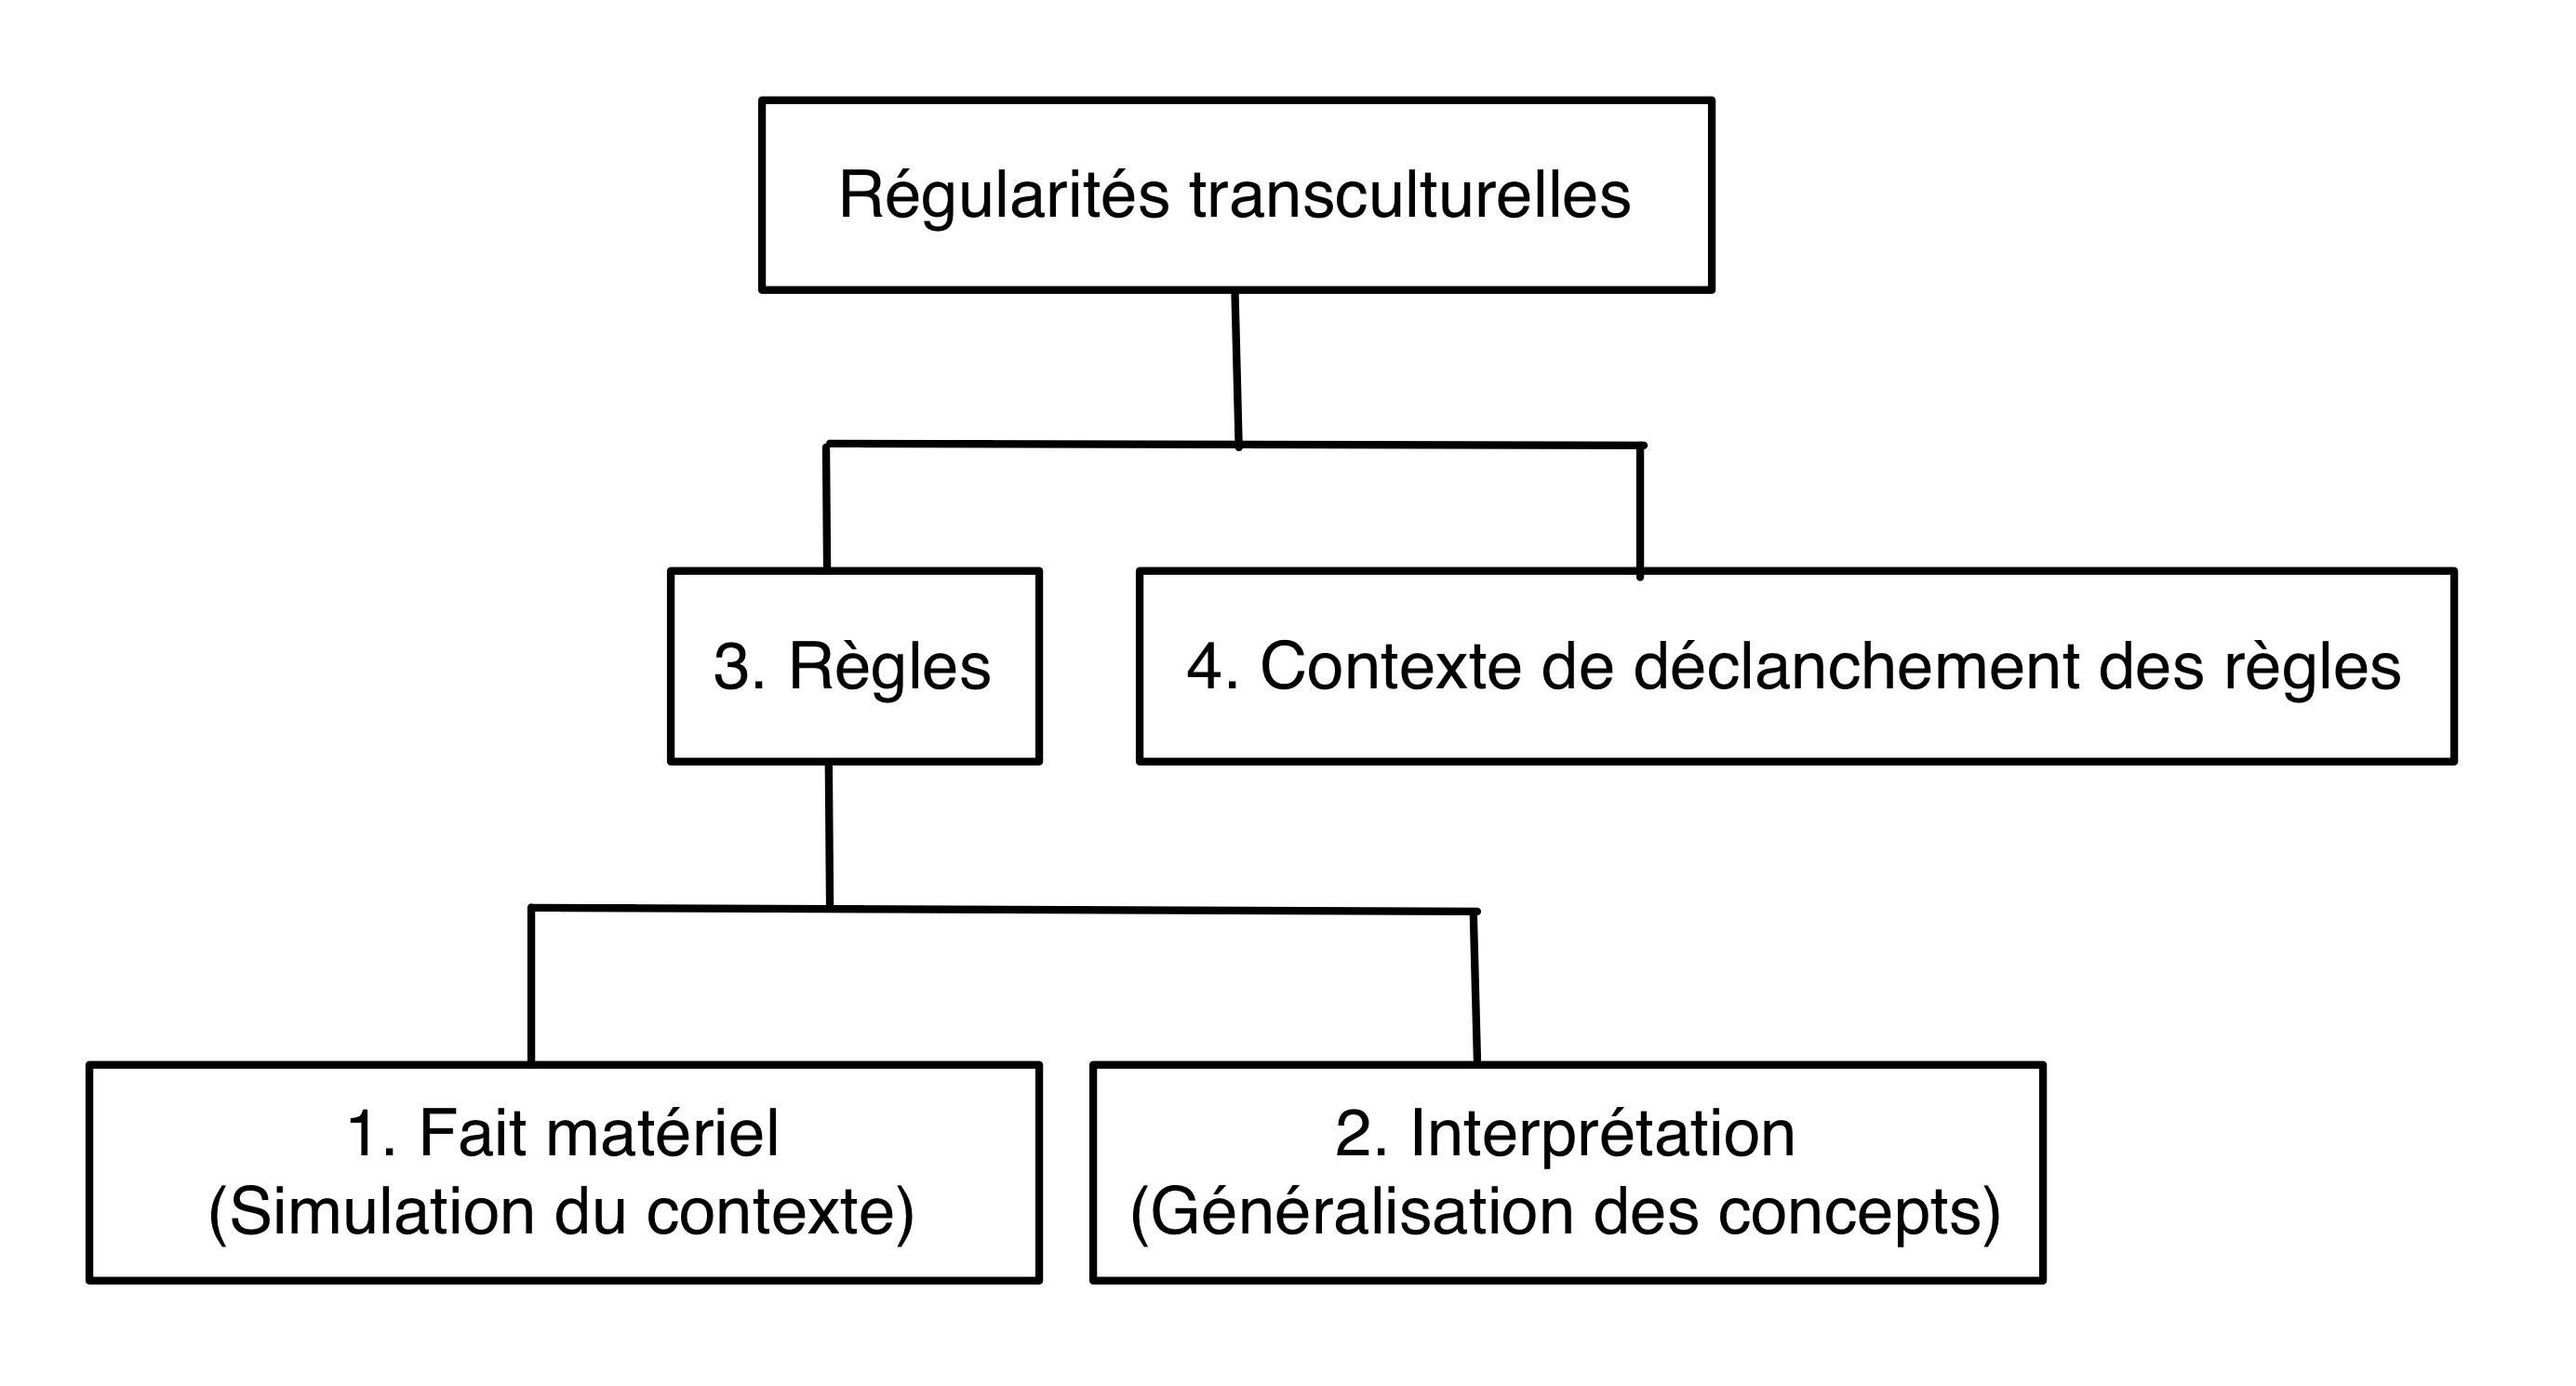 Fig. 5. Des règle ethnoarchéologiques prises comme des généralités spécifiables. D'après Gallay 2011, fig. 7.3. p. 310.